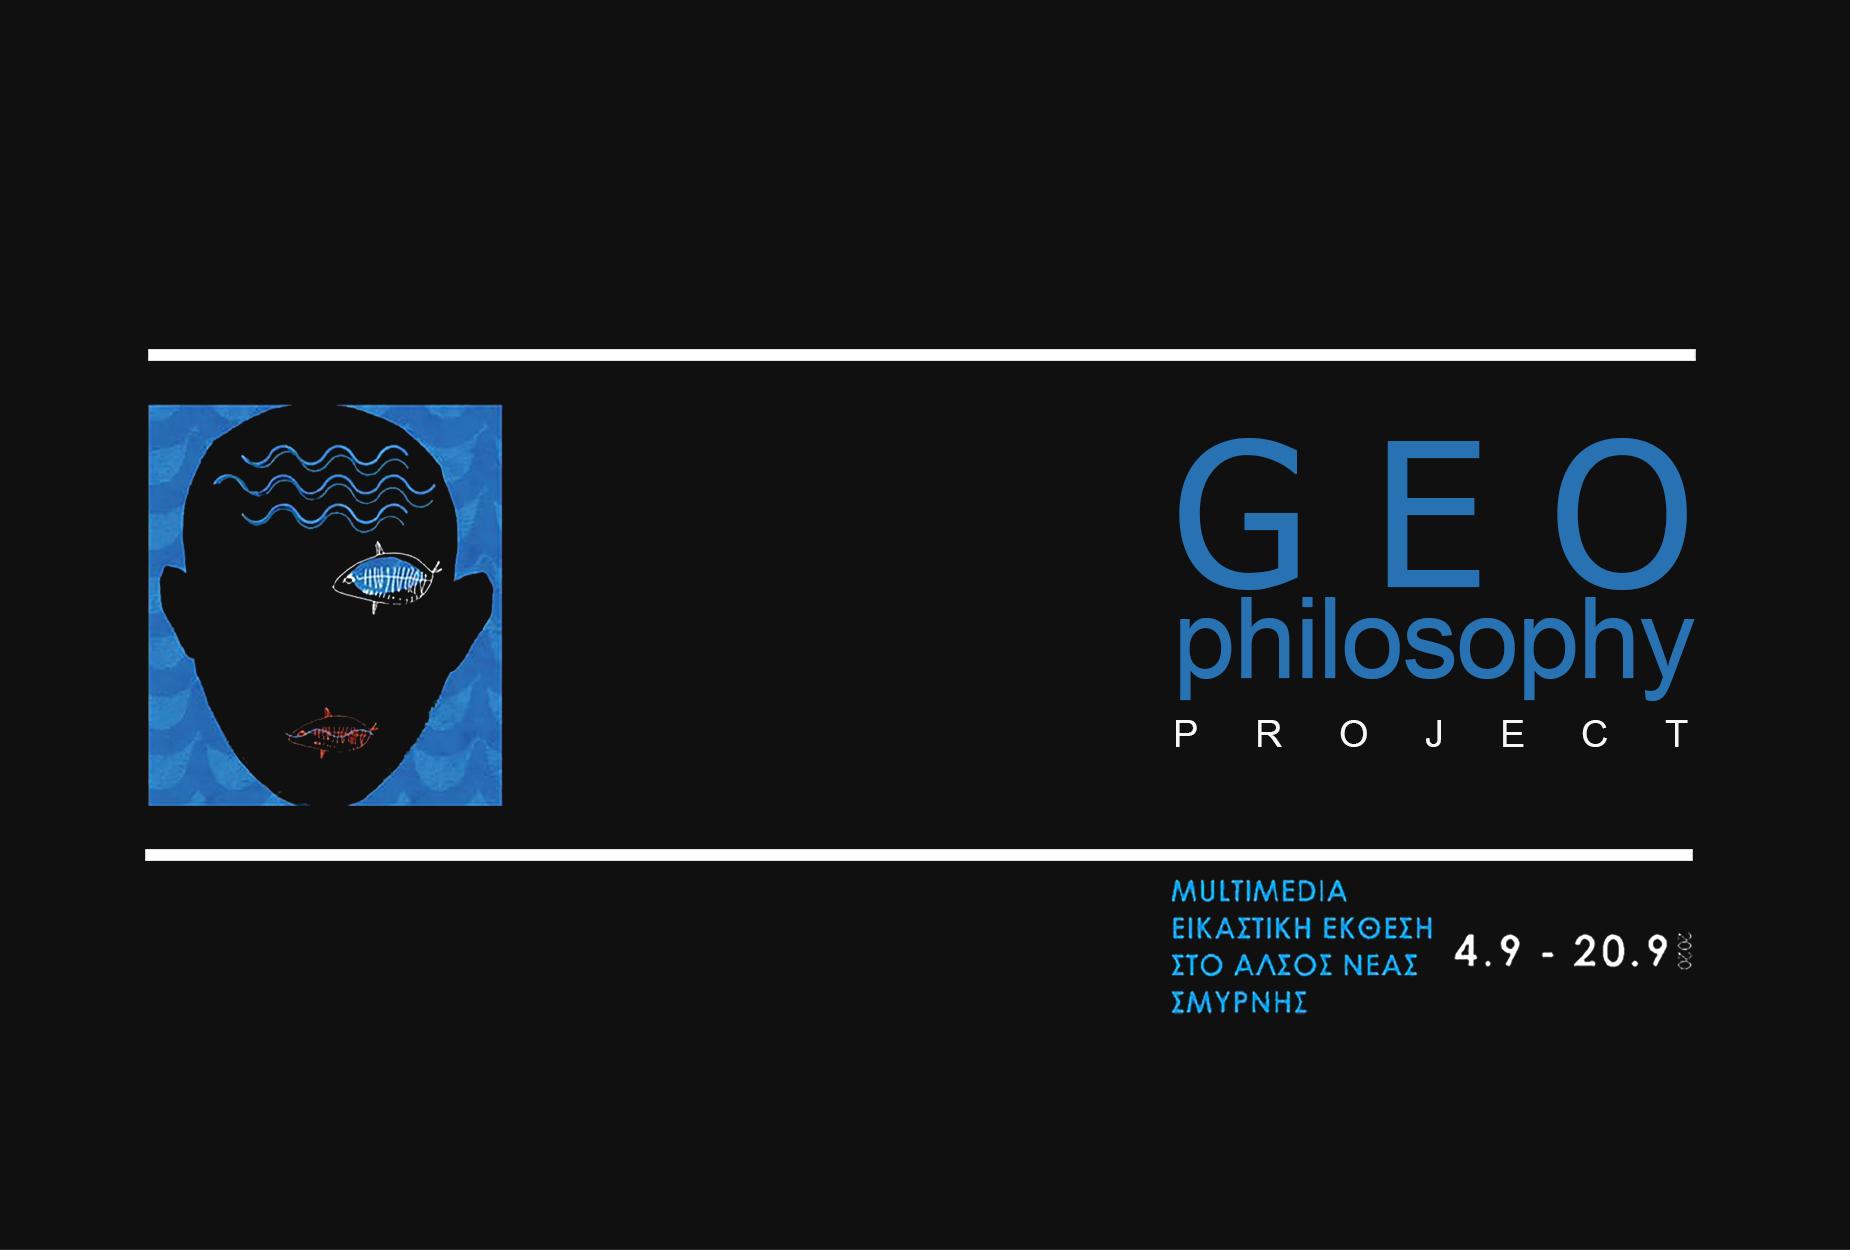 tidal flow art GEOphilosophy invitation 4